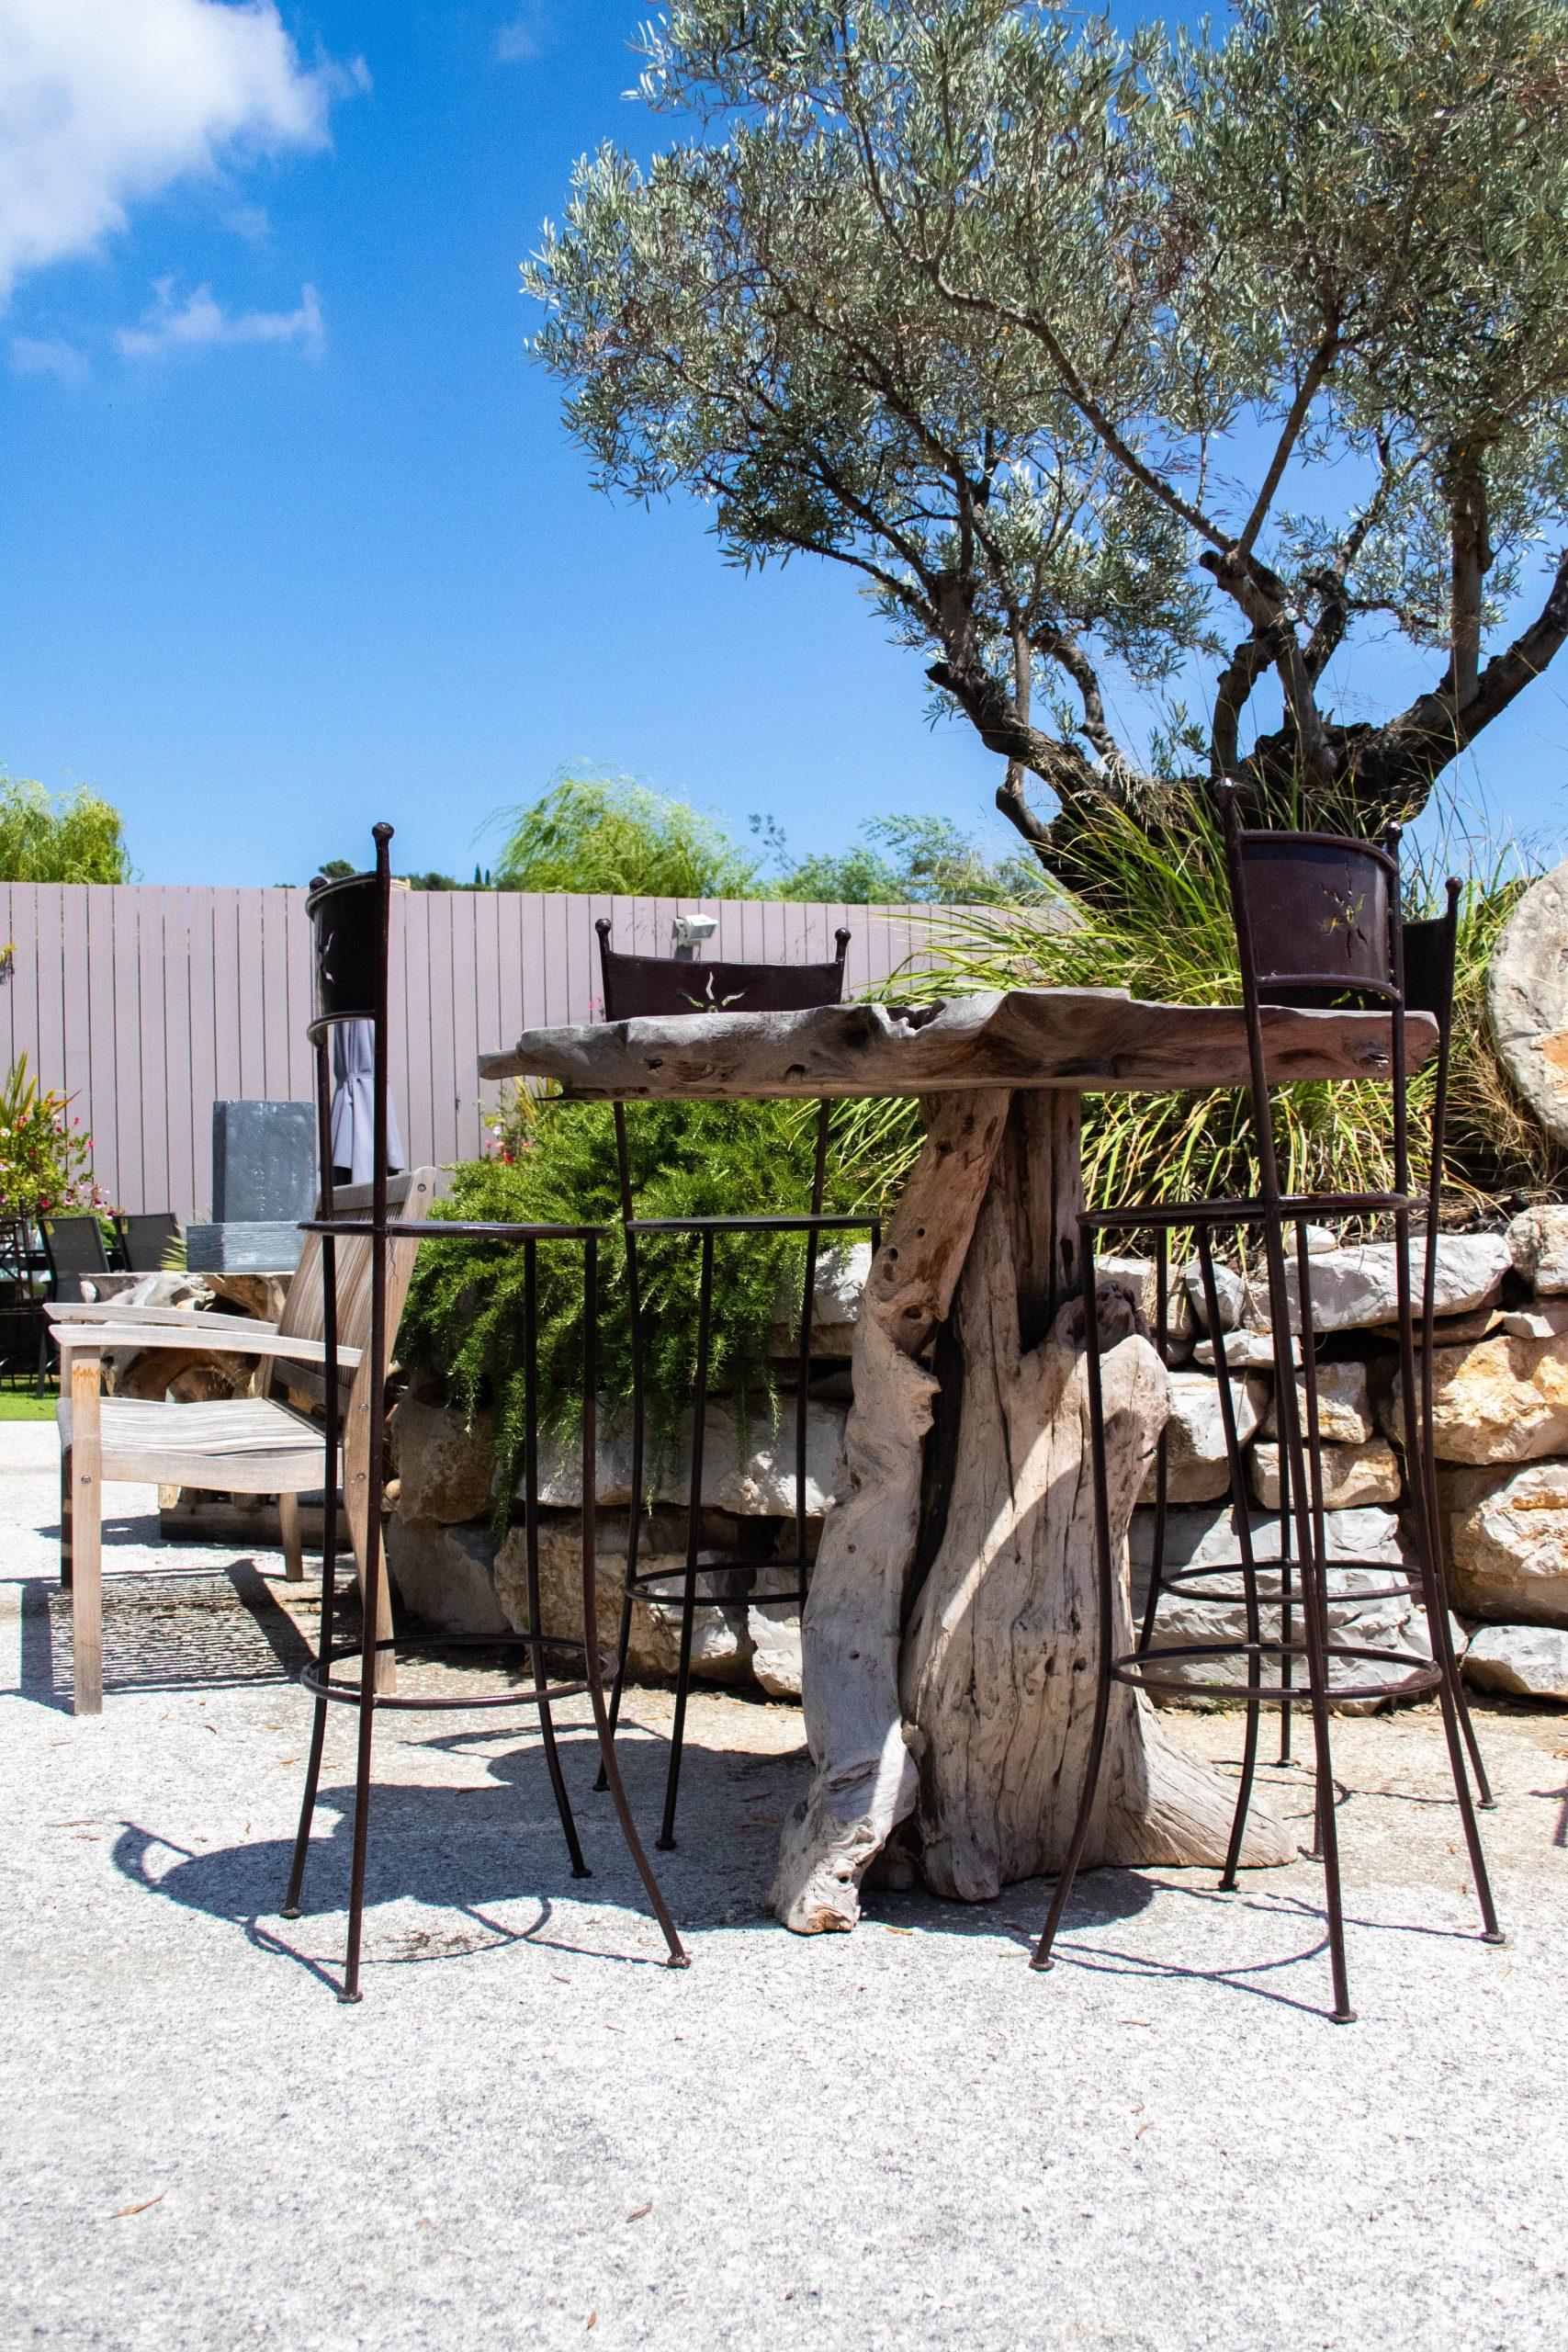 Table En Teck Et Chaises Hautes En Fer Forgé #deco ... encequiconcerne Décoration Jardin Fer Forgé